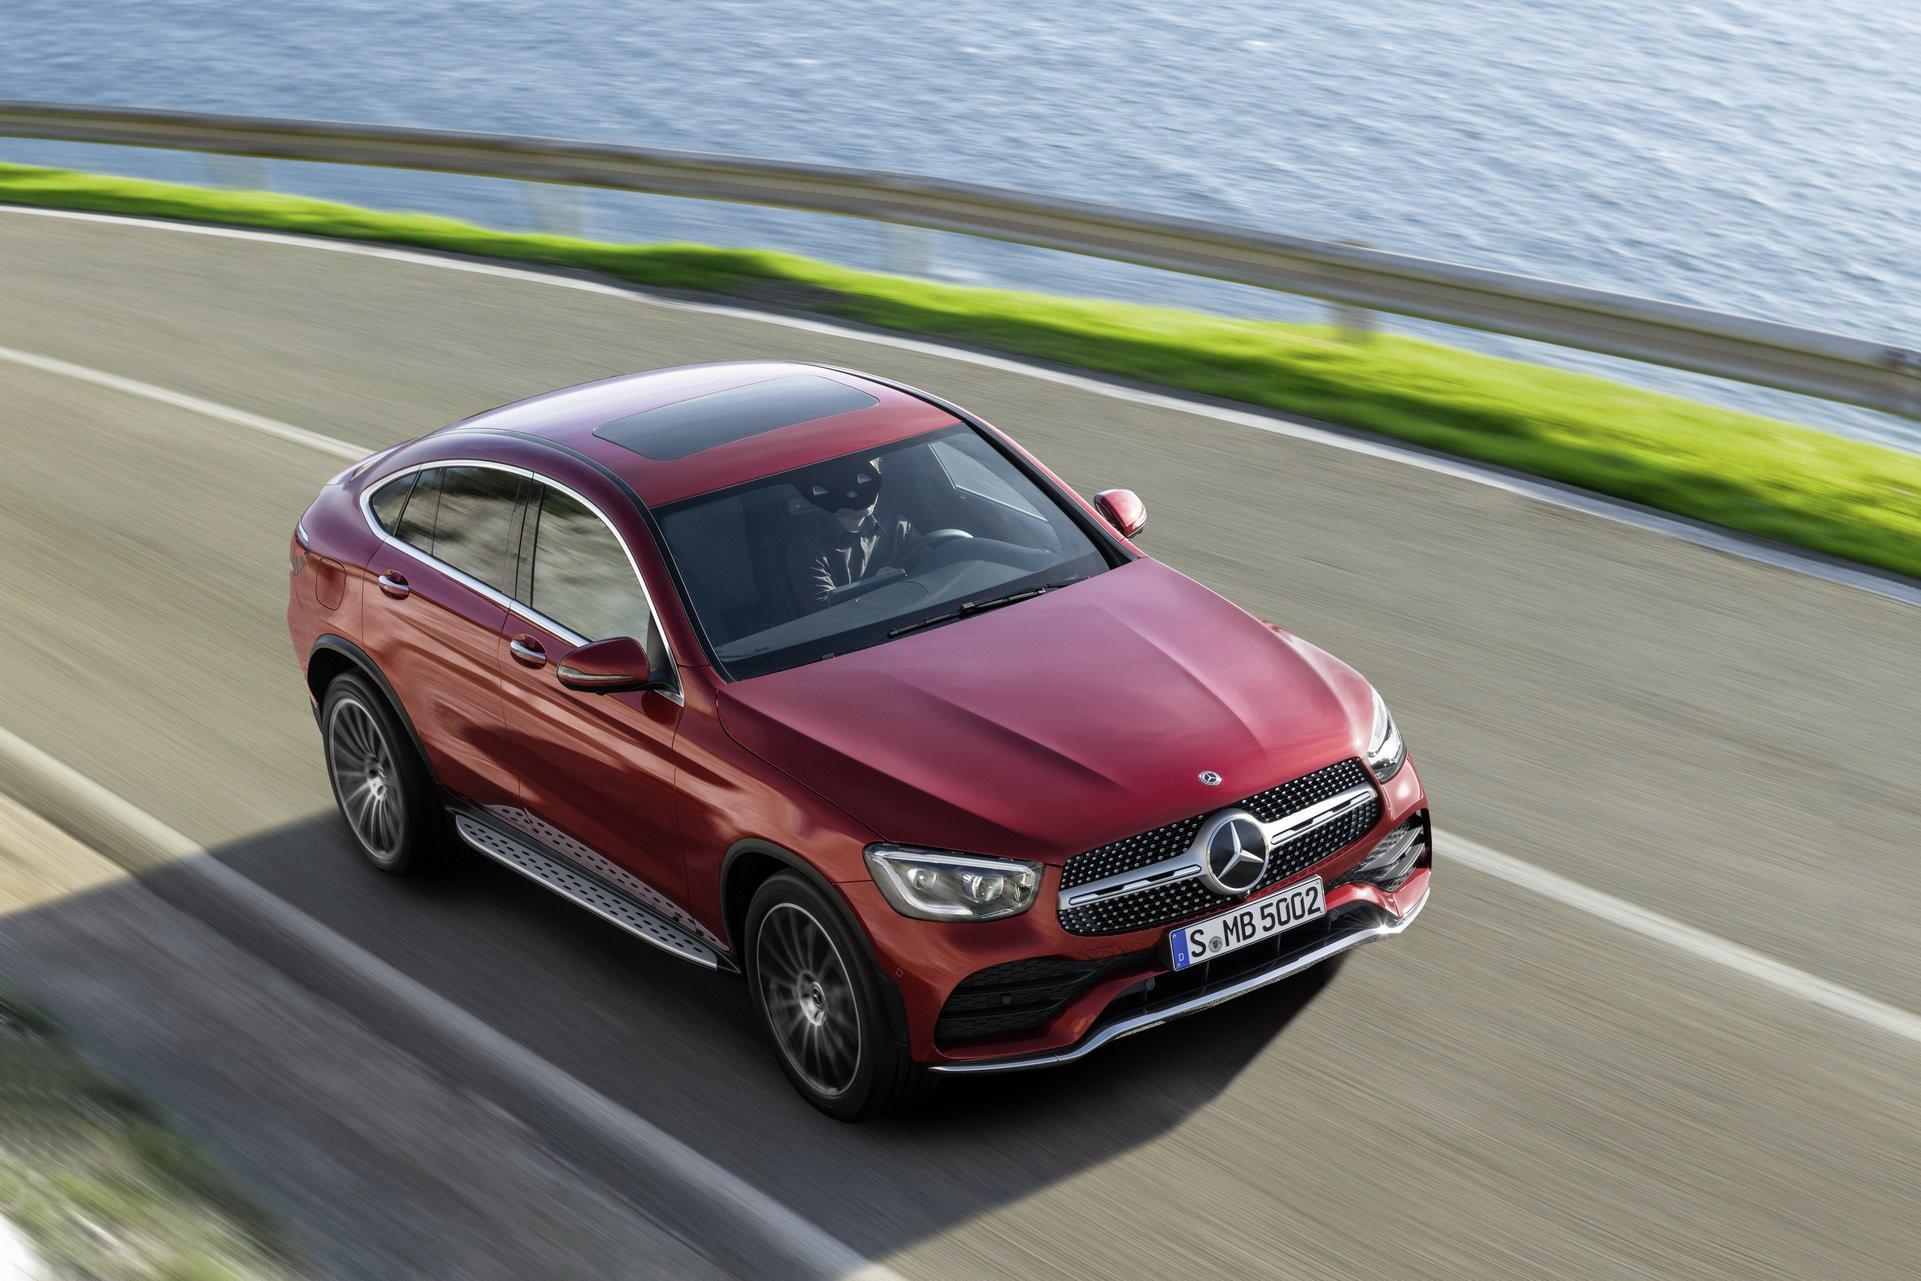 Ra mắt Mercedes-Benz GLC Coupe 2020 - Đối trọng của BMW X4 sắp bán tại Việt Nam